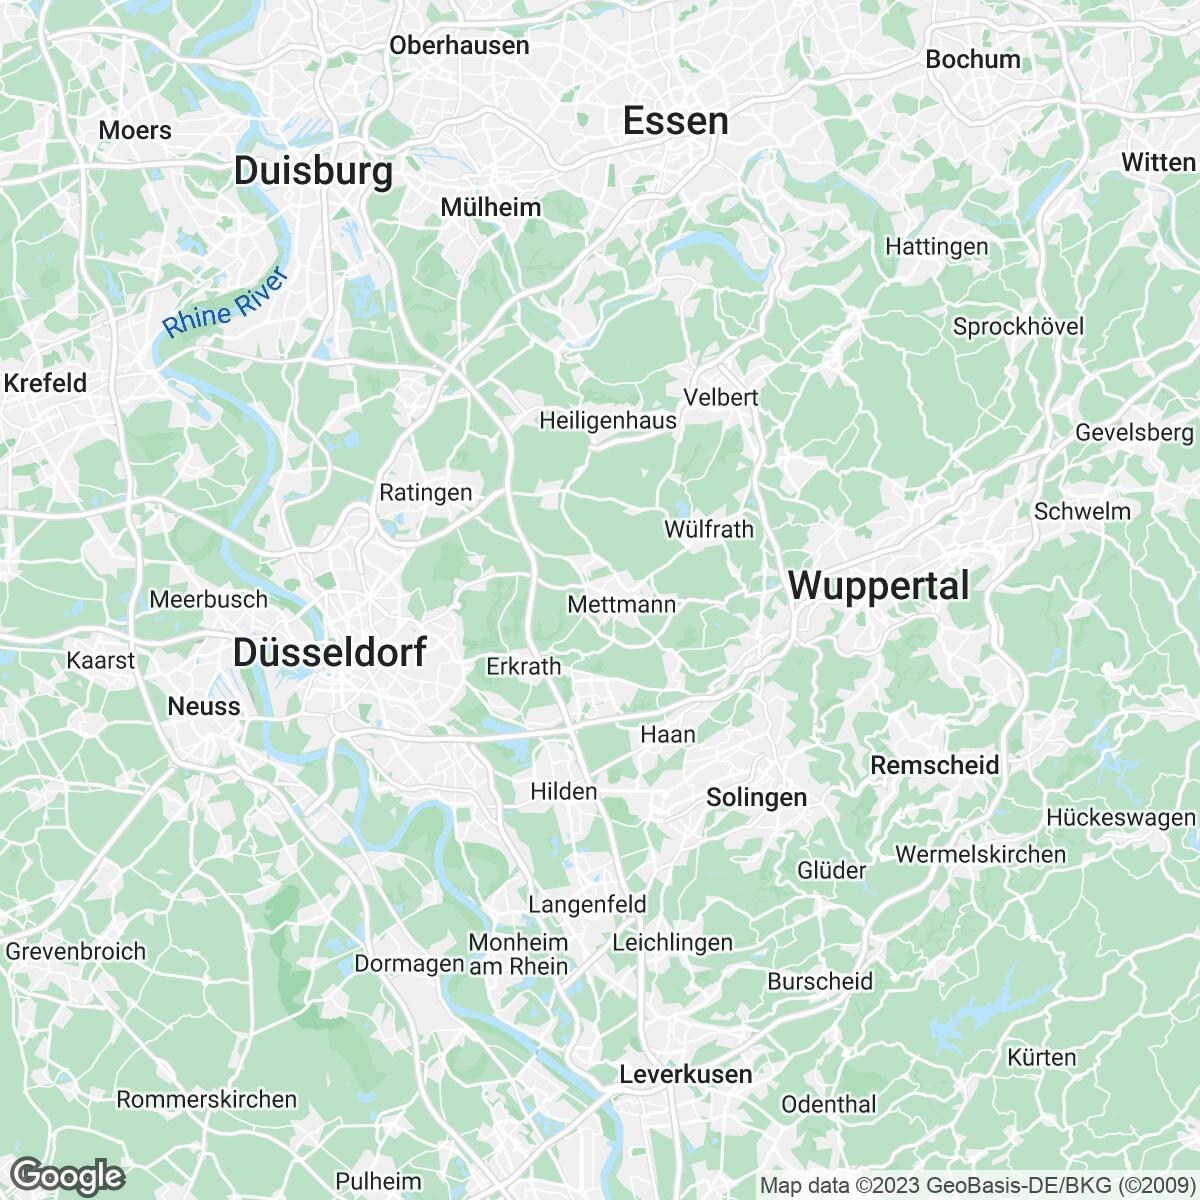 Verkaufsgebiet der Zeitungen Rheinische Post